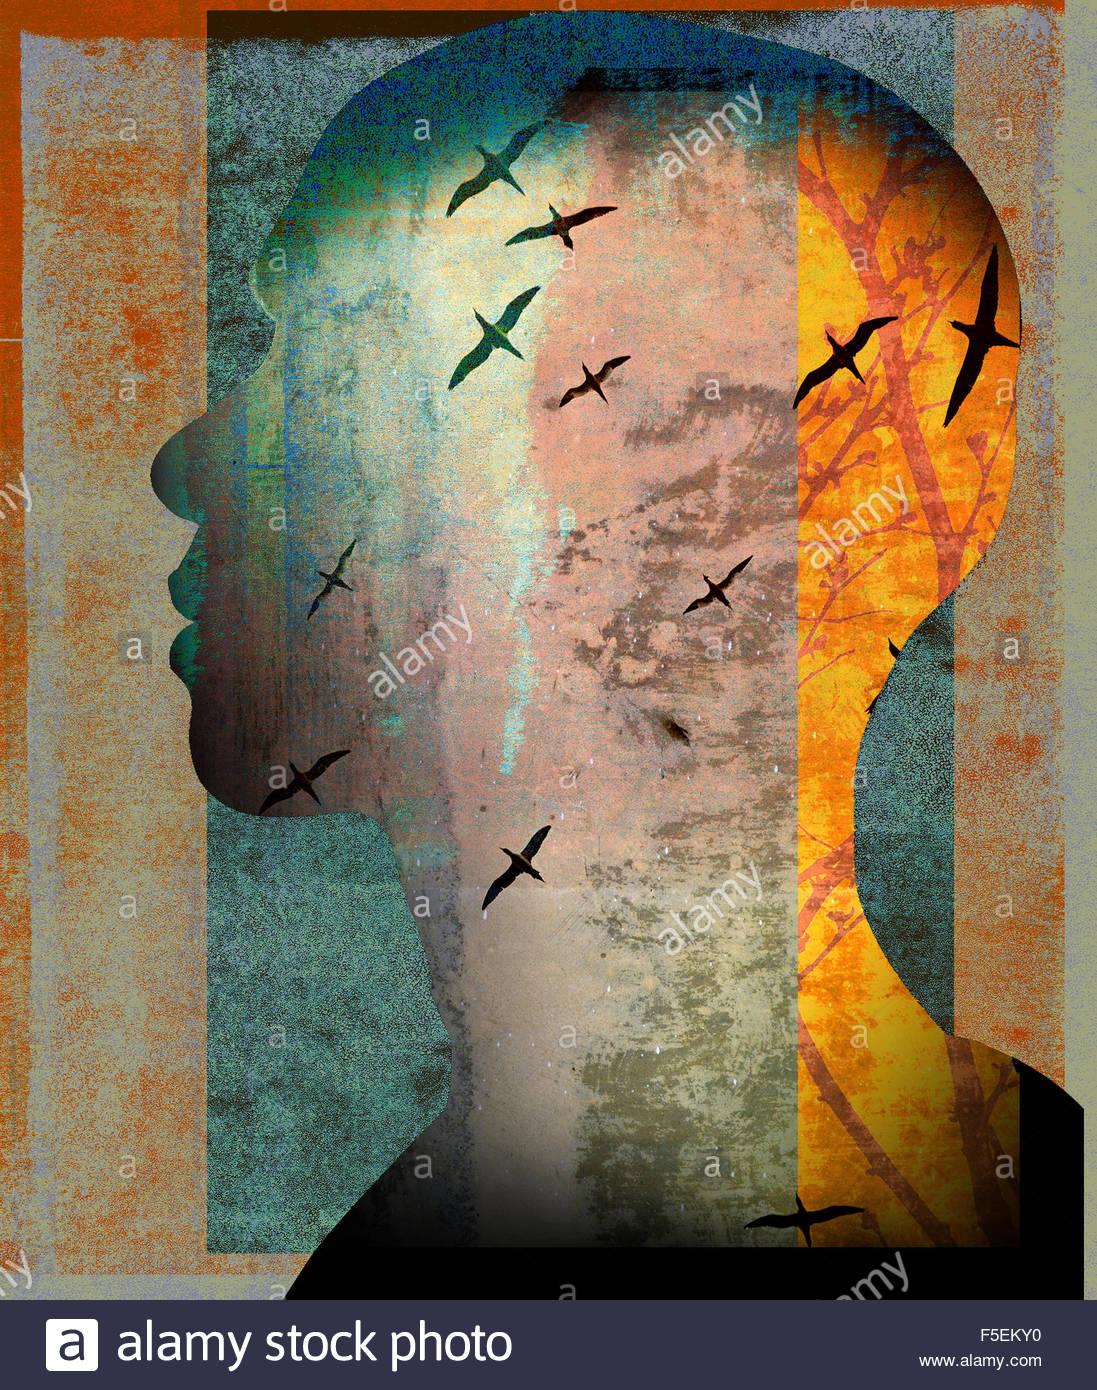 Vögel fliegen in den Männern den Kopf Stockbild